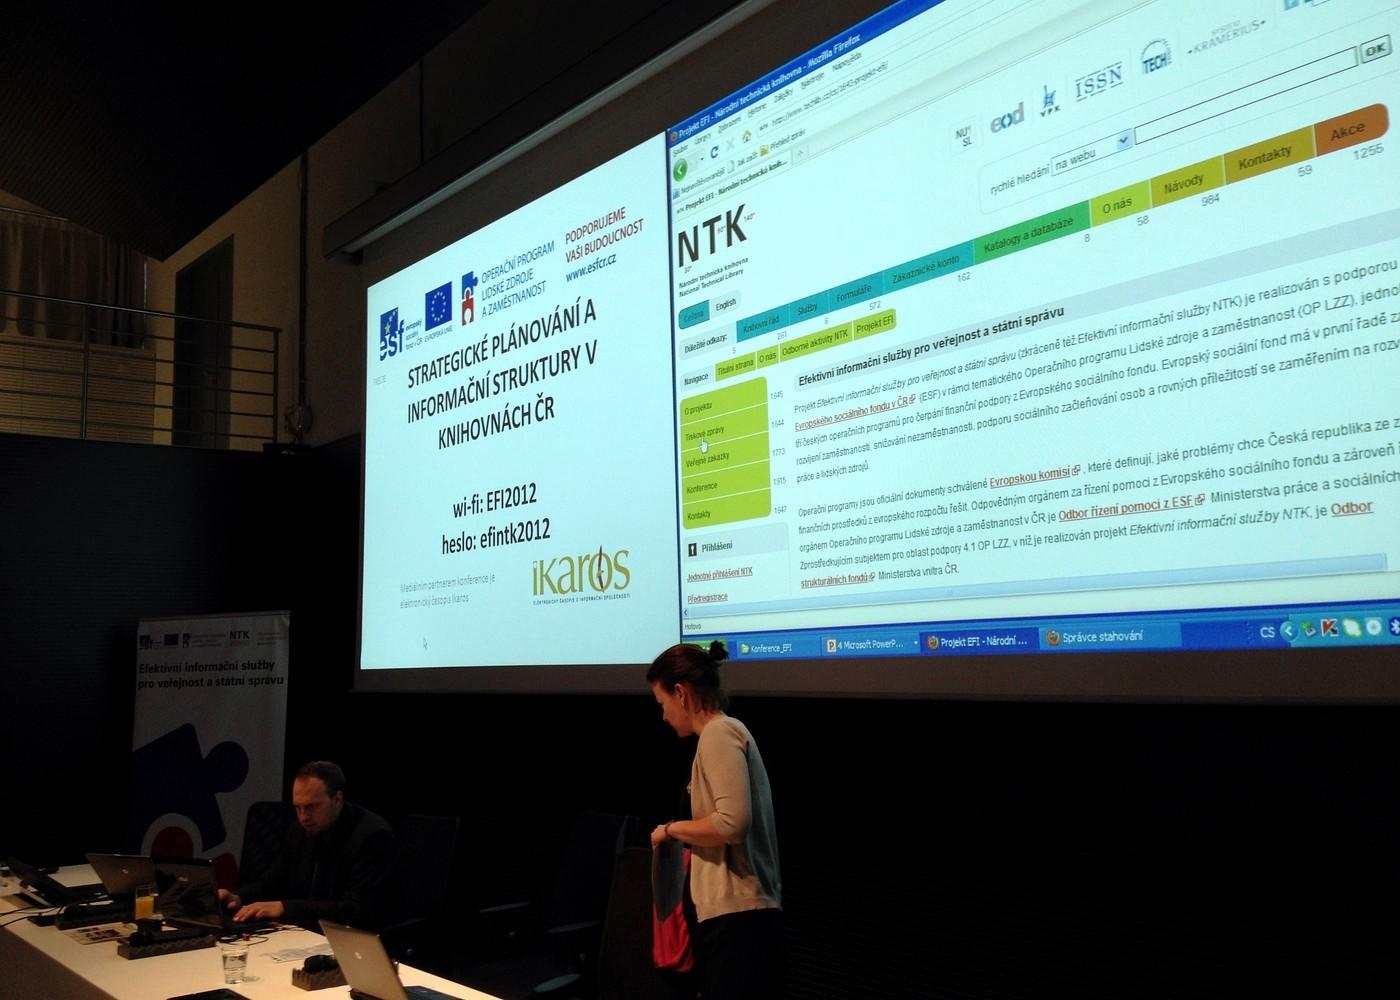 Konference Strategické plánování a informační struktury v knihovnách ČR začíná